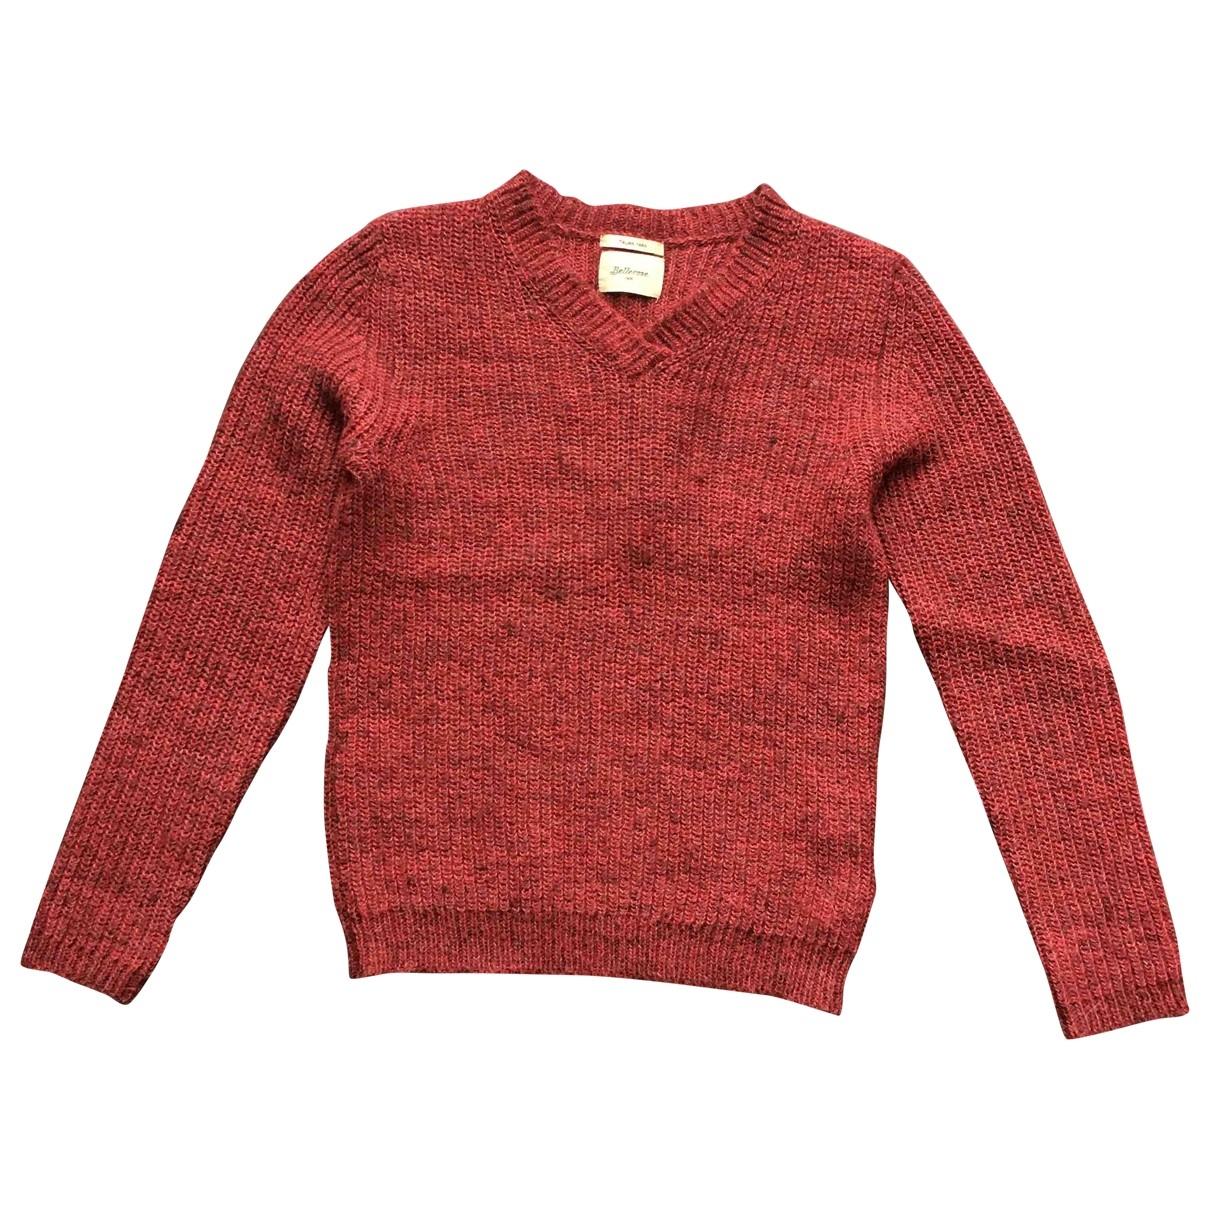 Bellerose \N Burgundy Wool Knitwear for Kids 10 years - up to 142cm FR